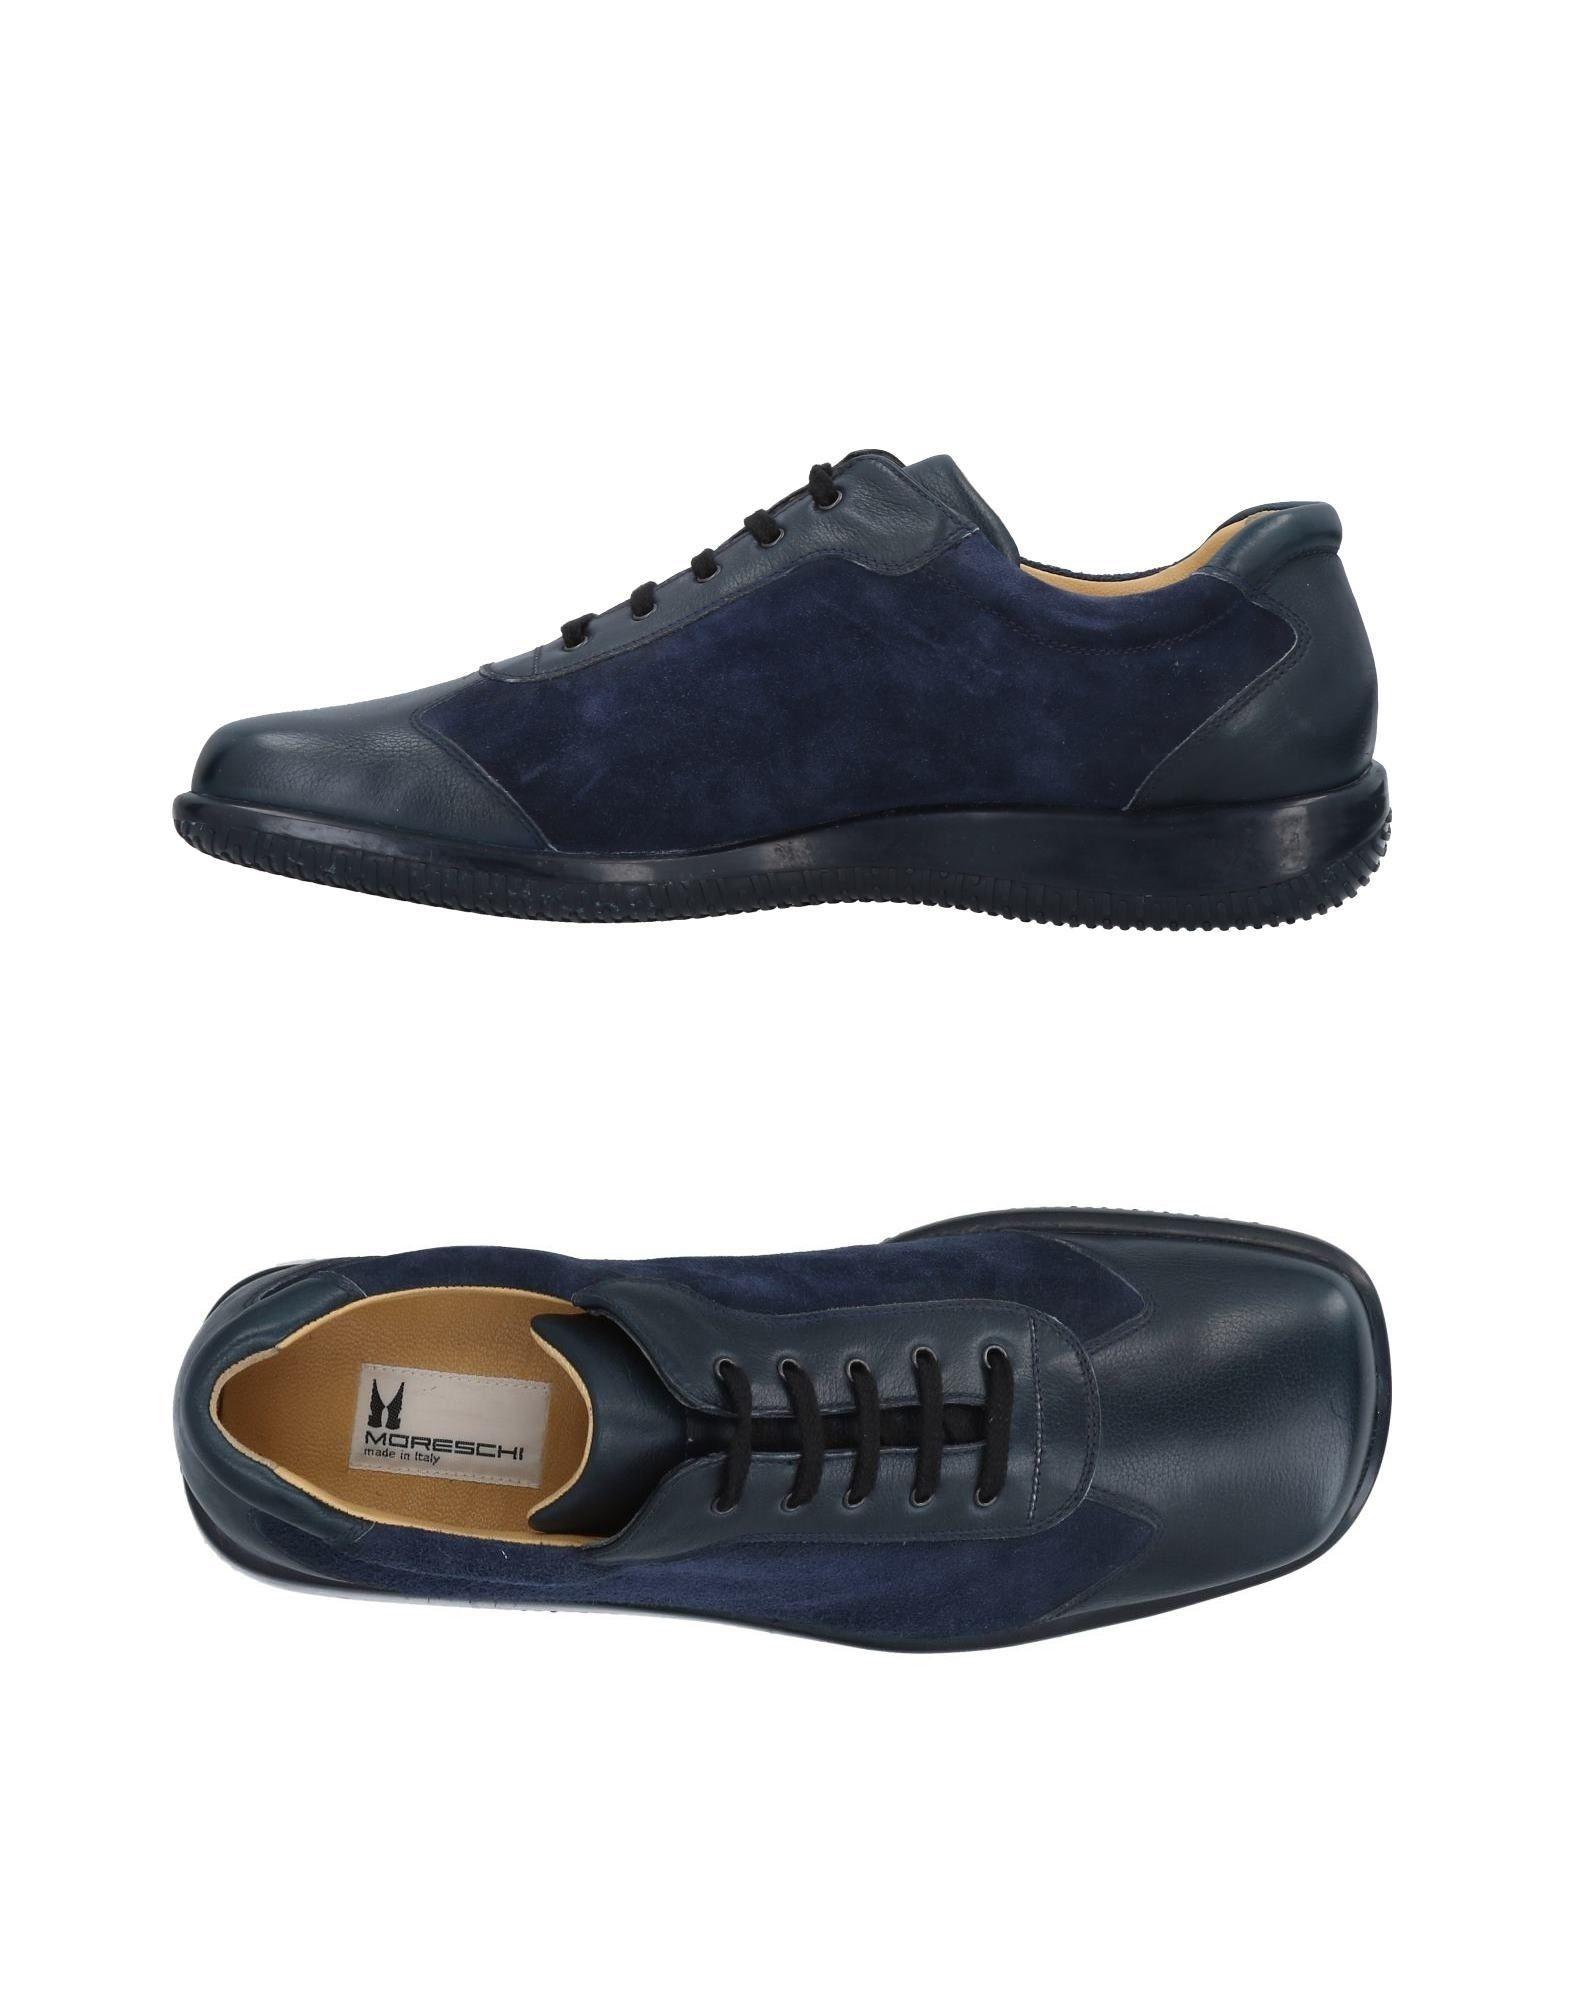 Scarpe economiche e resistenti Sneakers Moreschi Uomo - 11489608HL